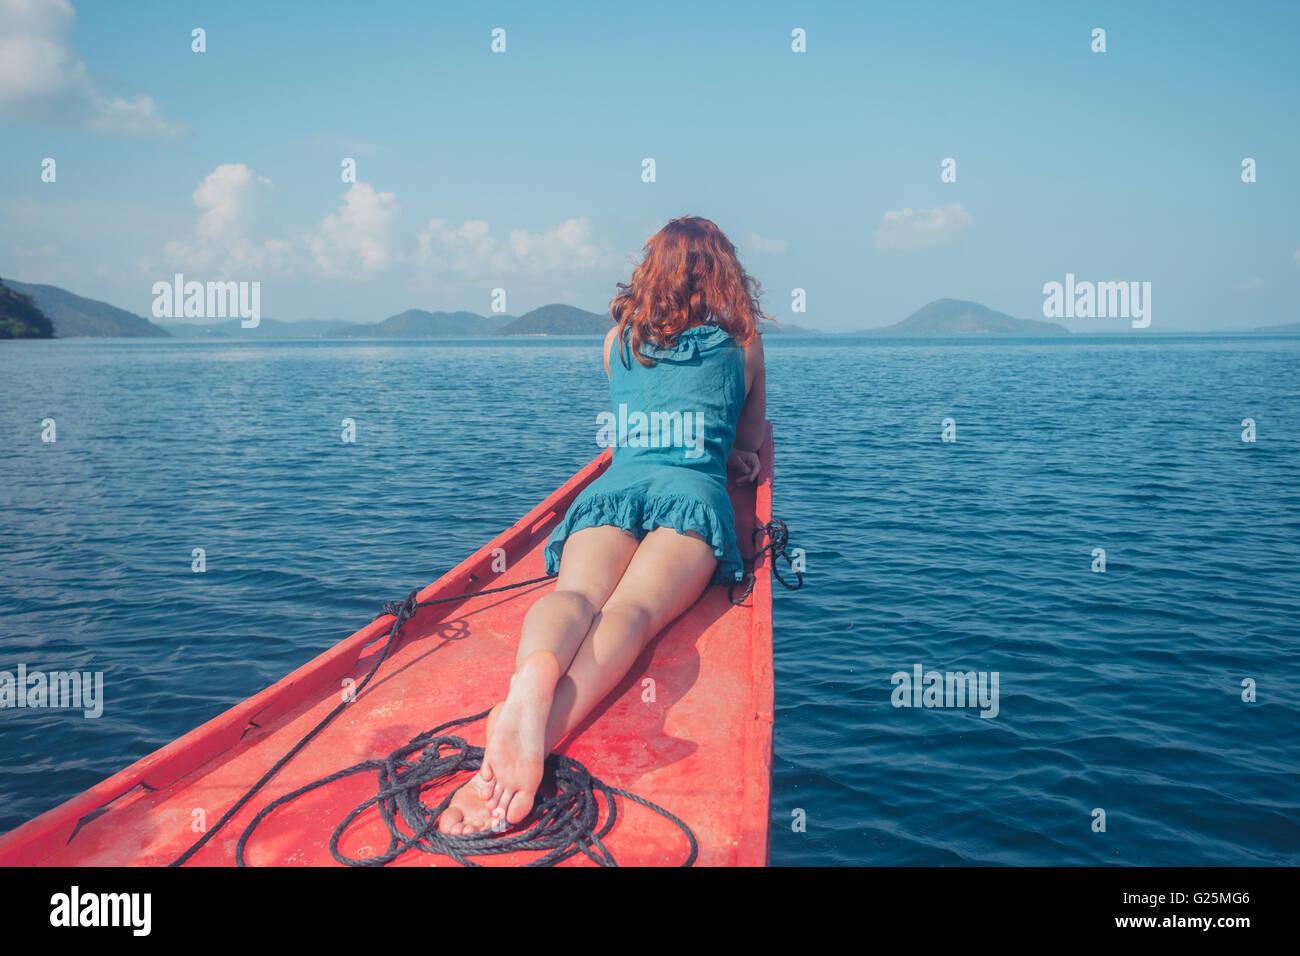 Eine junge Frau ist entspannend auf dem Bug eines kleinen Bootes in einem tropischen Klima Stockbild